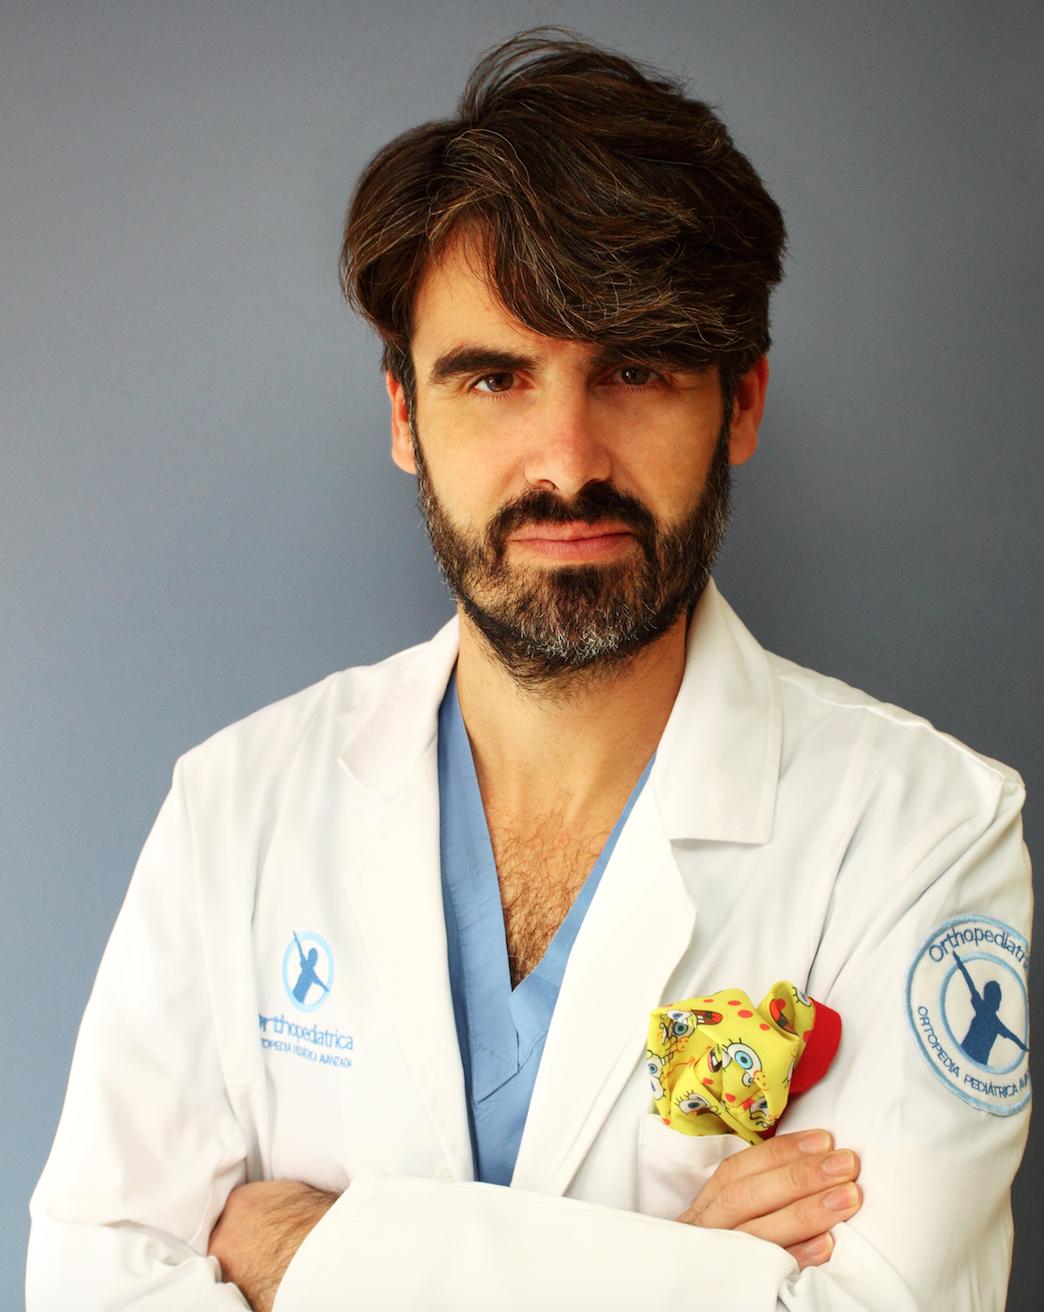 D. José Luis Domínguez